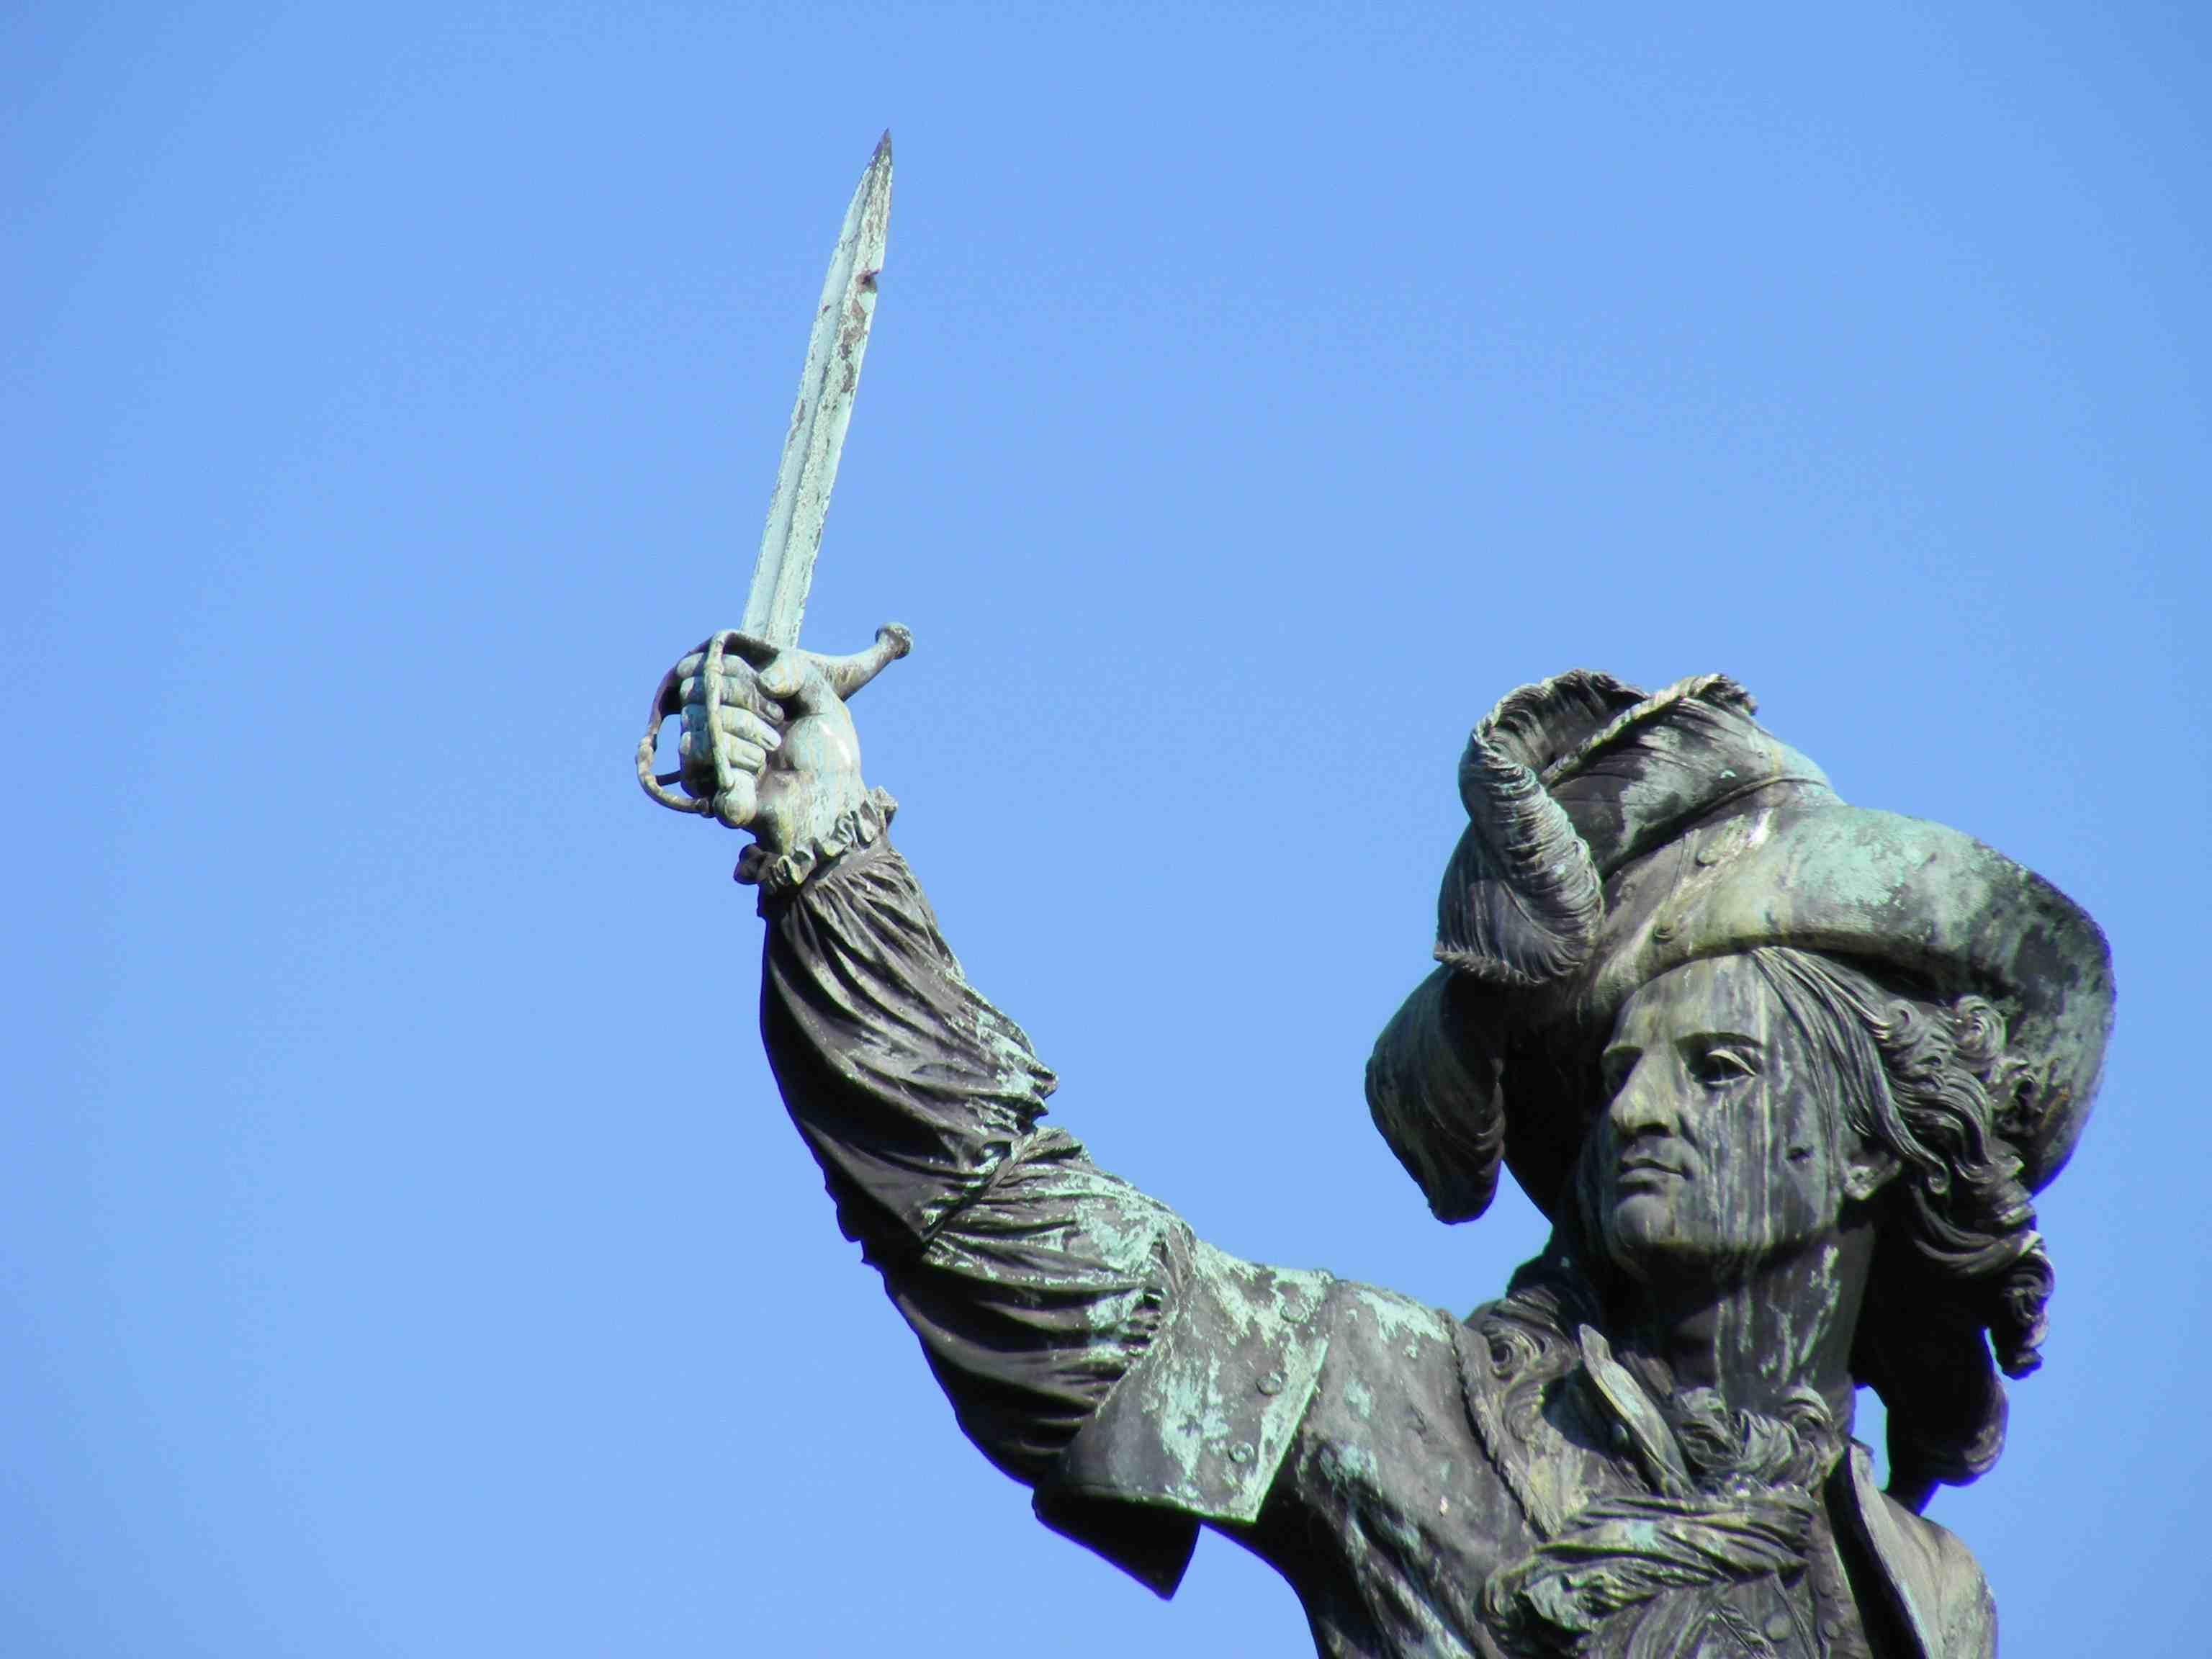 Jean Bart statue in Dunkirk